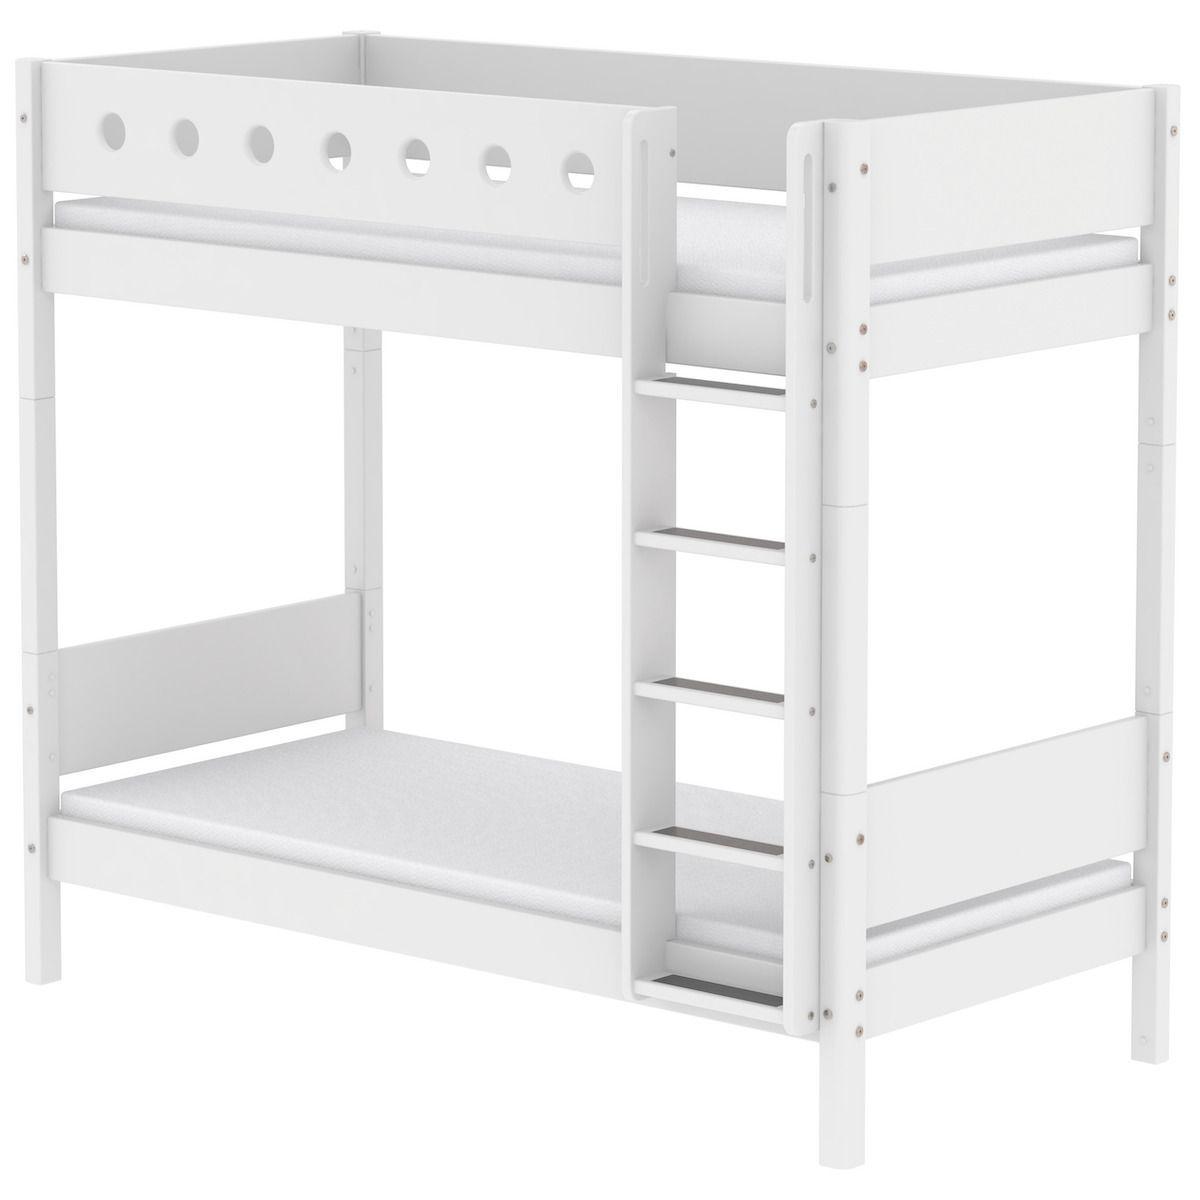 Mitwachsendes Etagenbett 90x190 cm-gerade Leiter WHITE Flexa weiß